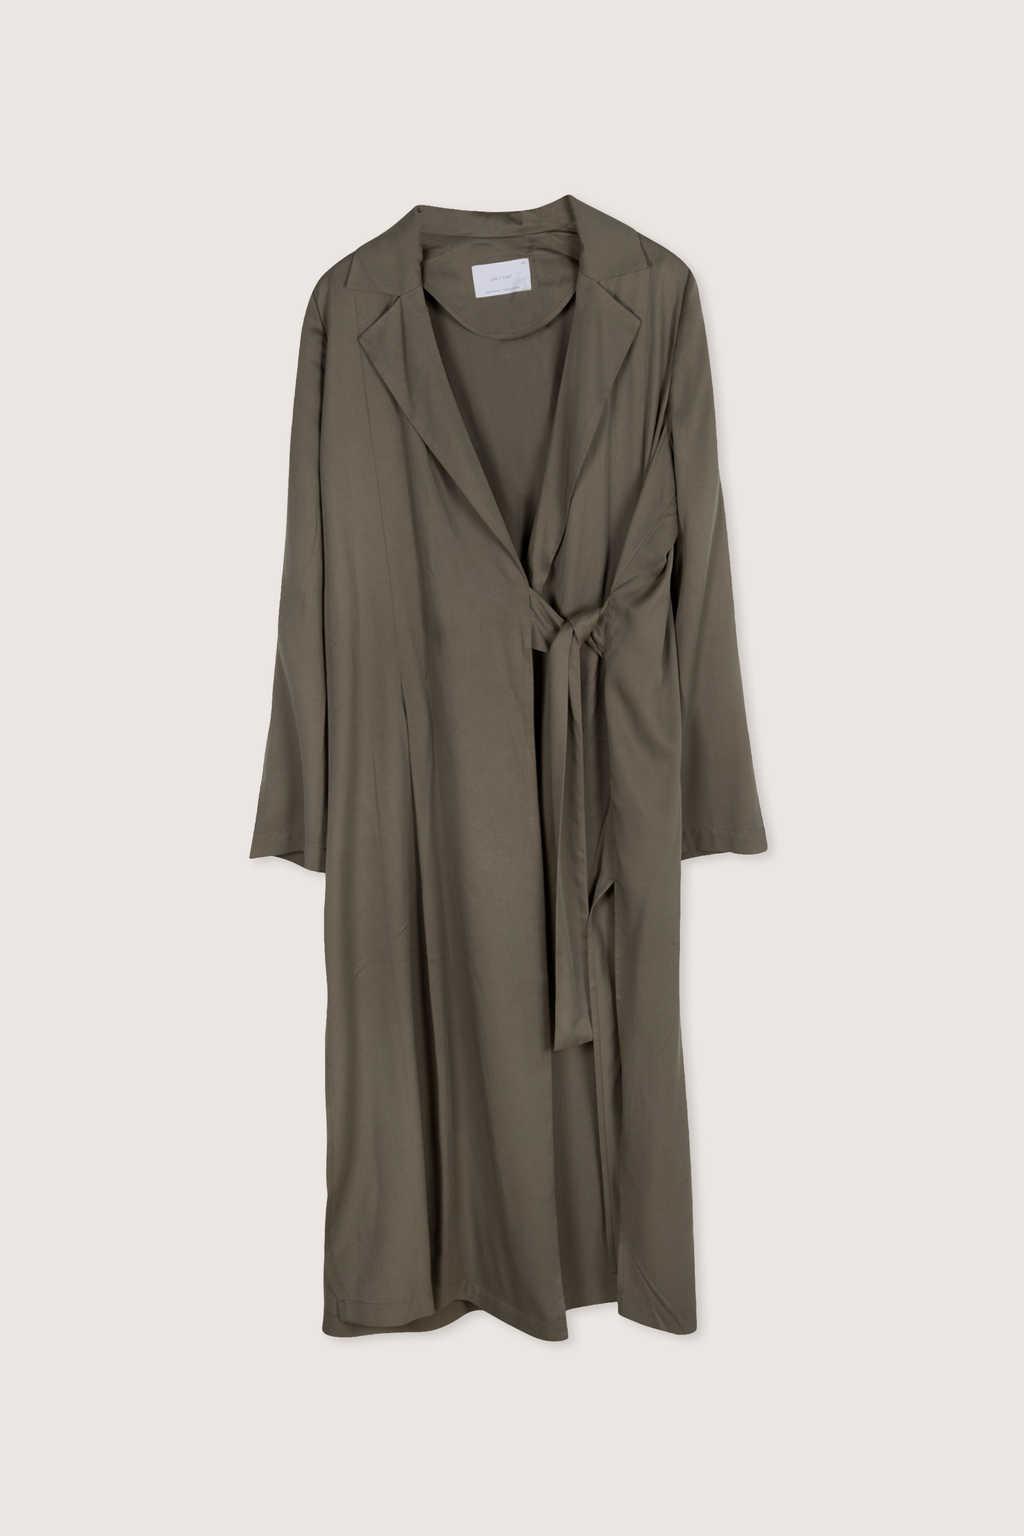 Jacket 2095 Olive 7